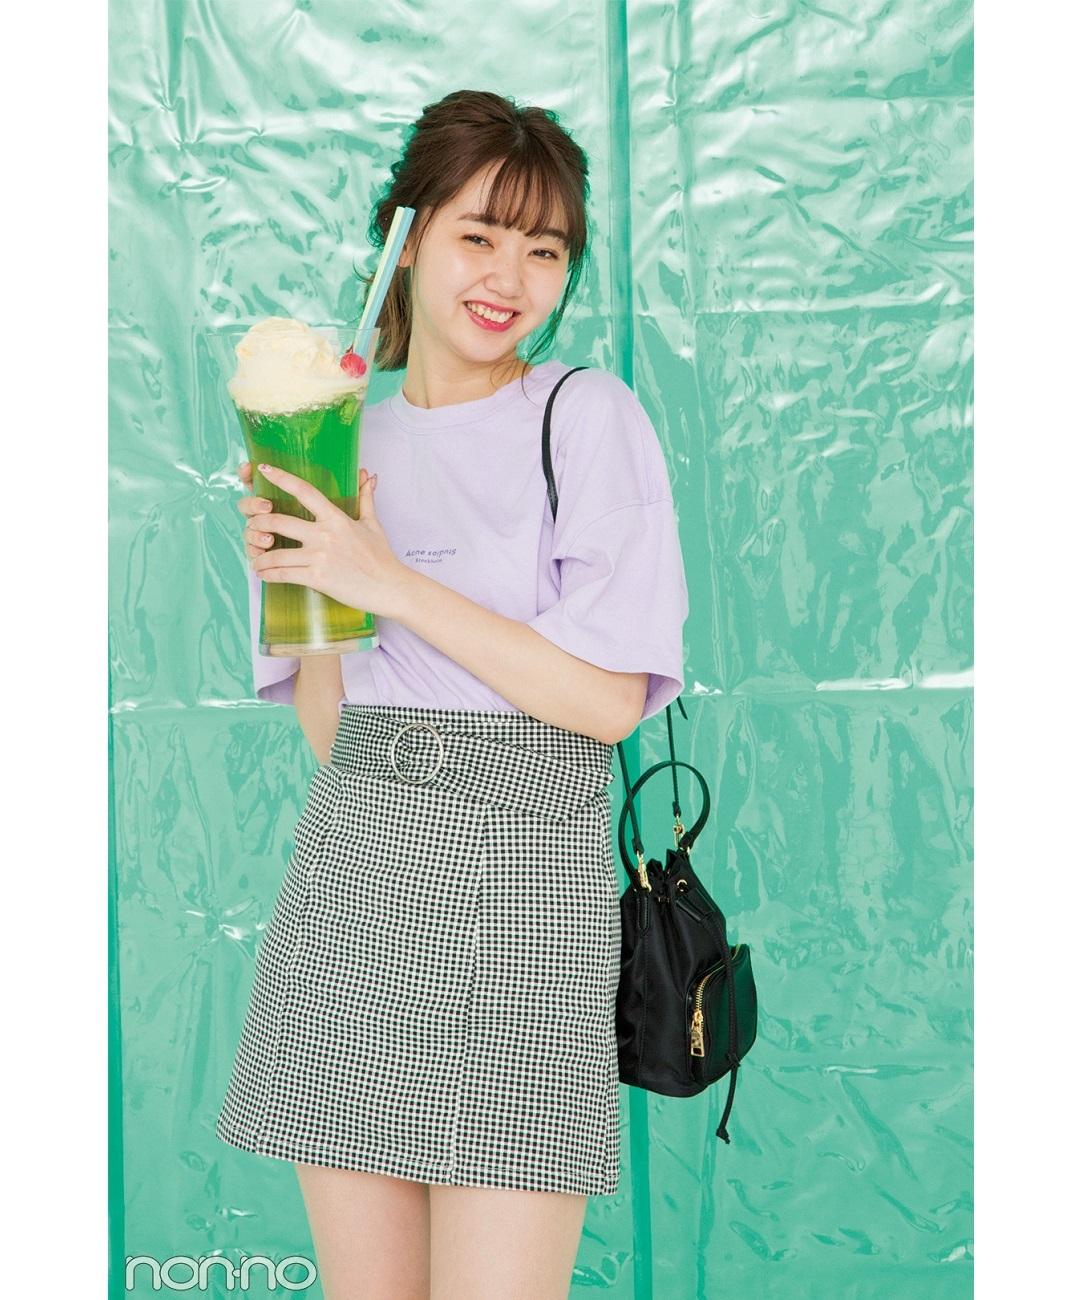 【夏のTシャツコーデ】江野沢愛美は、ラベンダー色Tシャツ×ギンガムチェックミニで楽しげコーデ